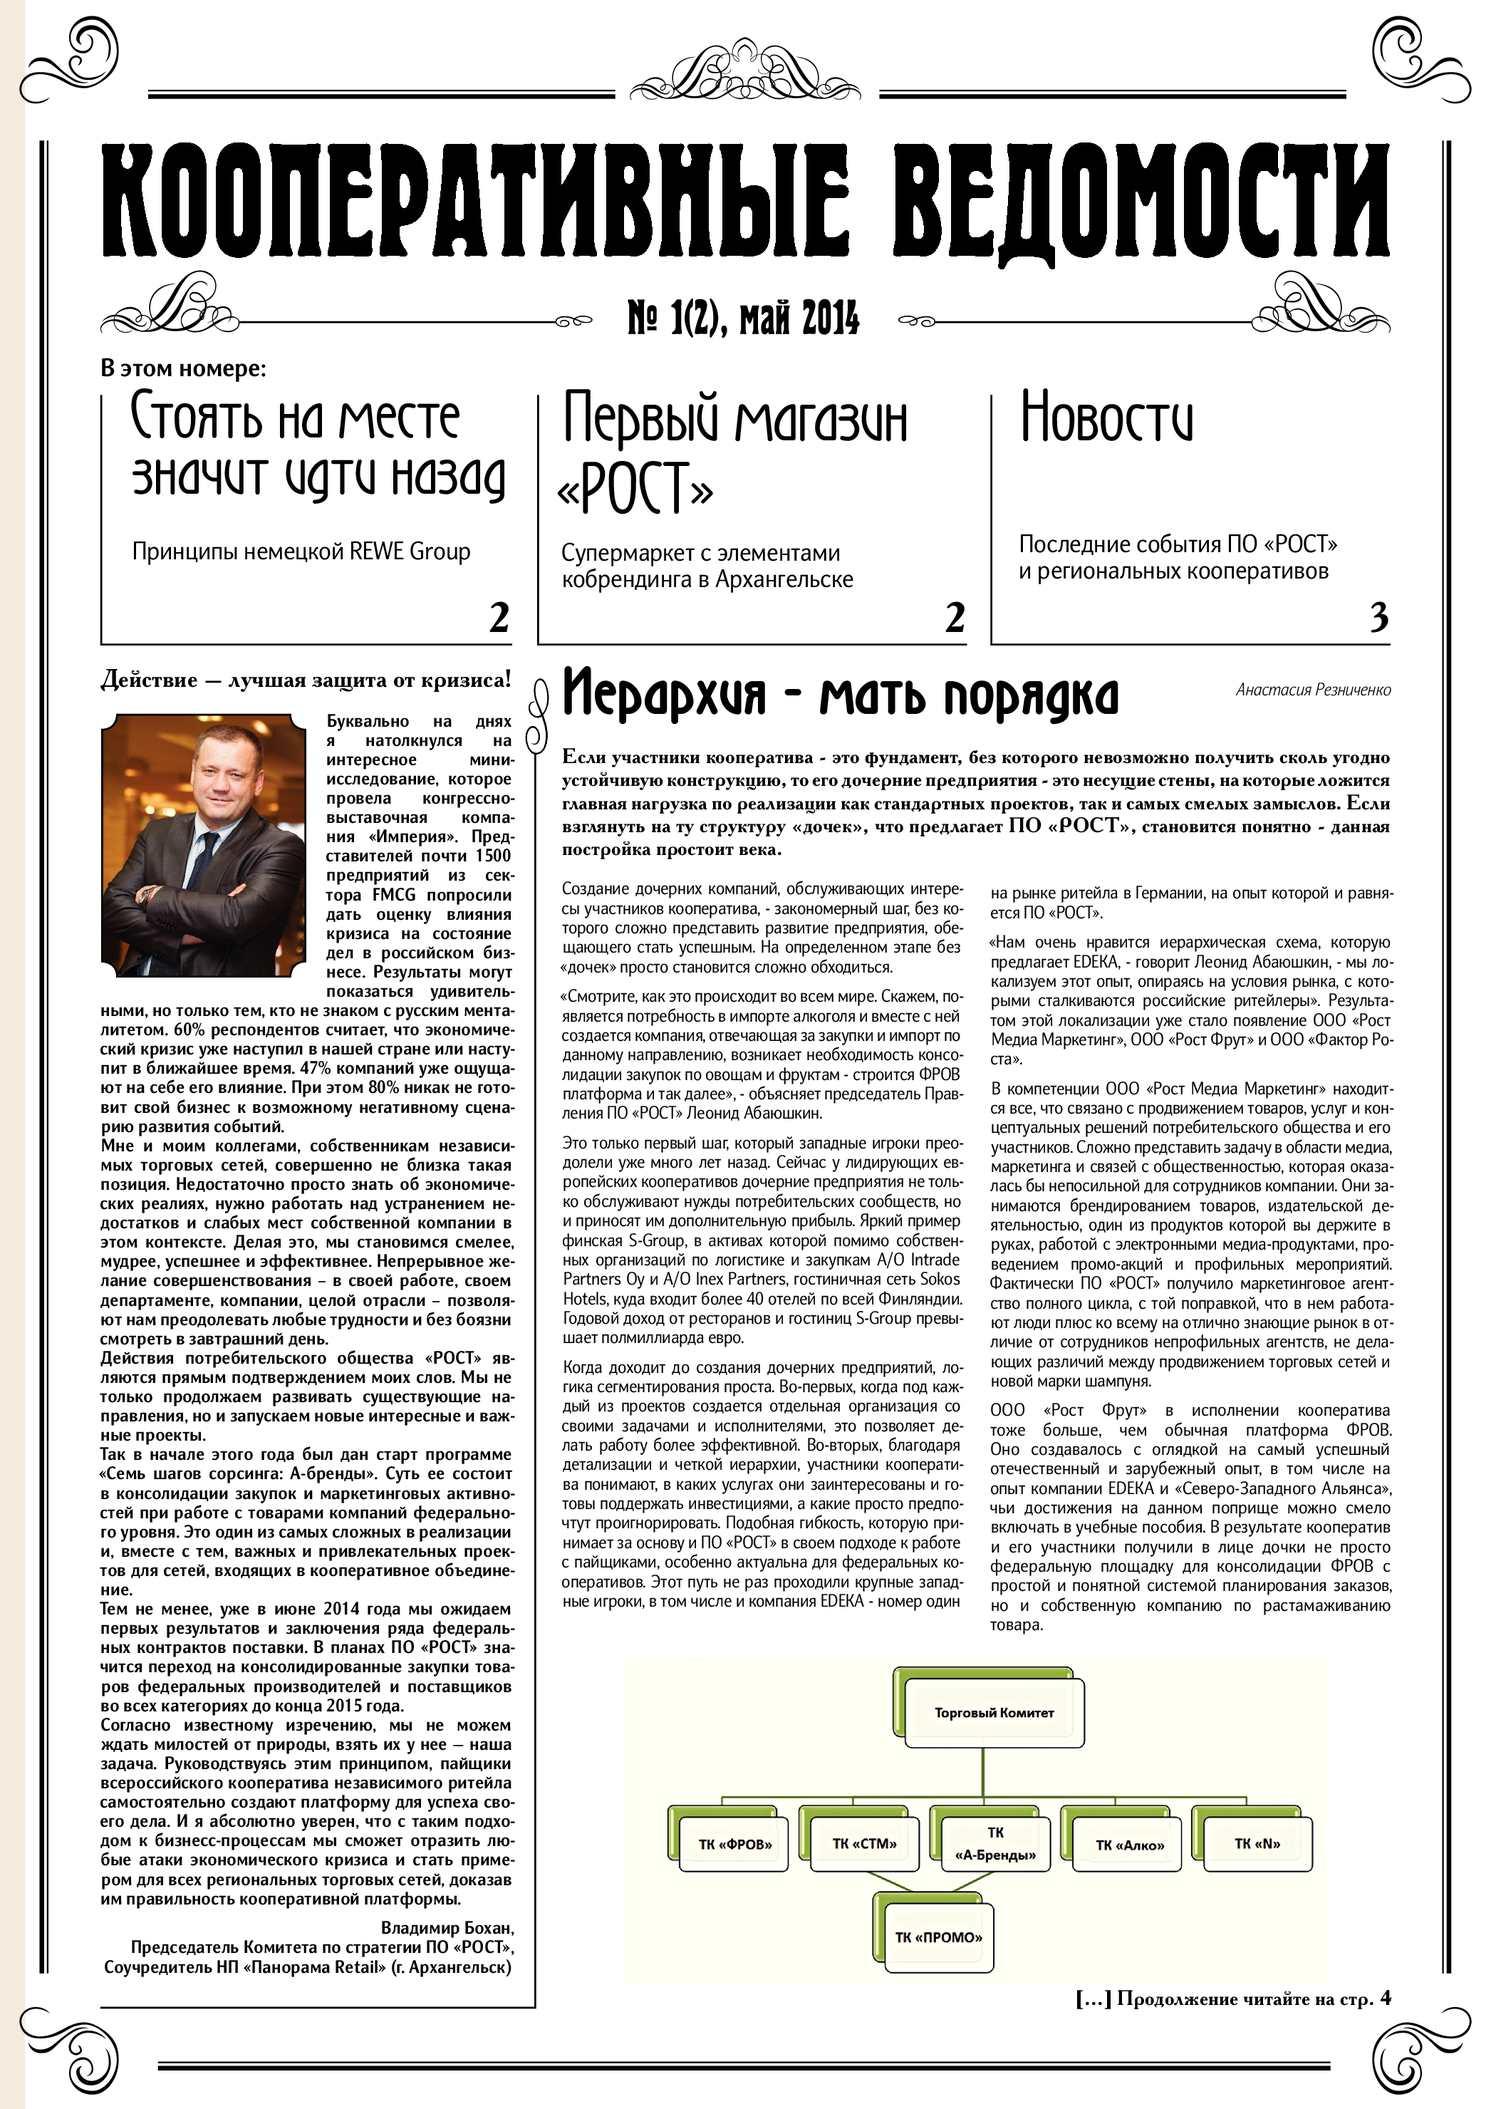 Кооперативные Ведомости - №1 (2), Май 2014